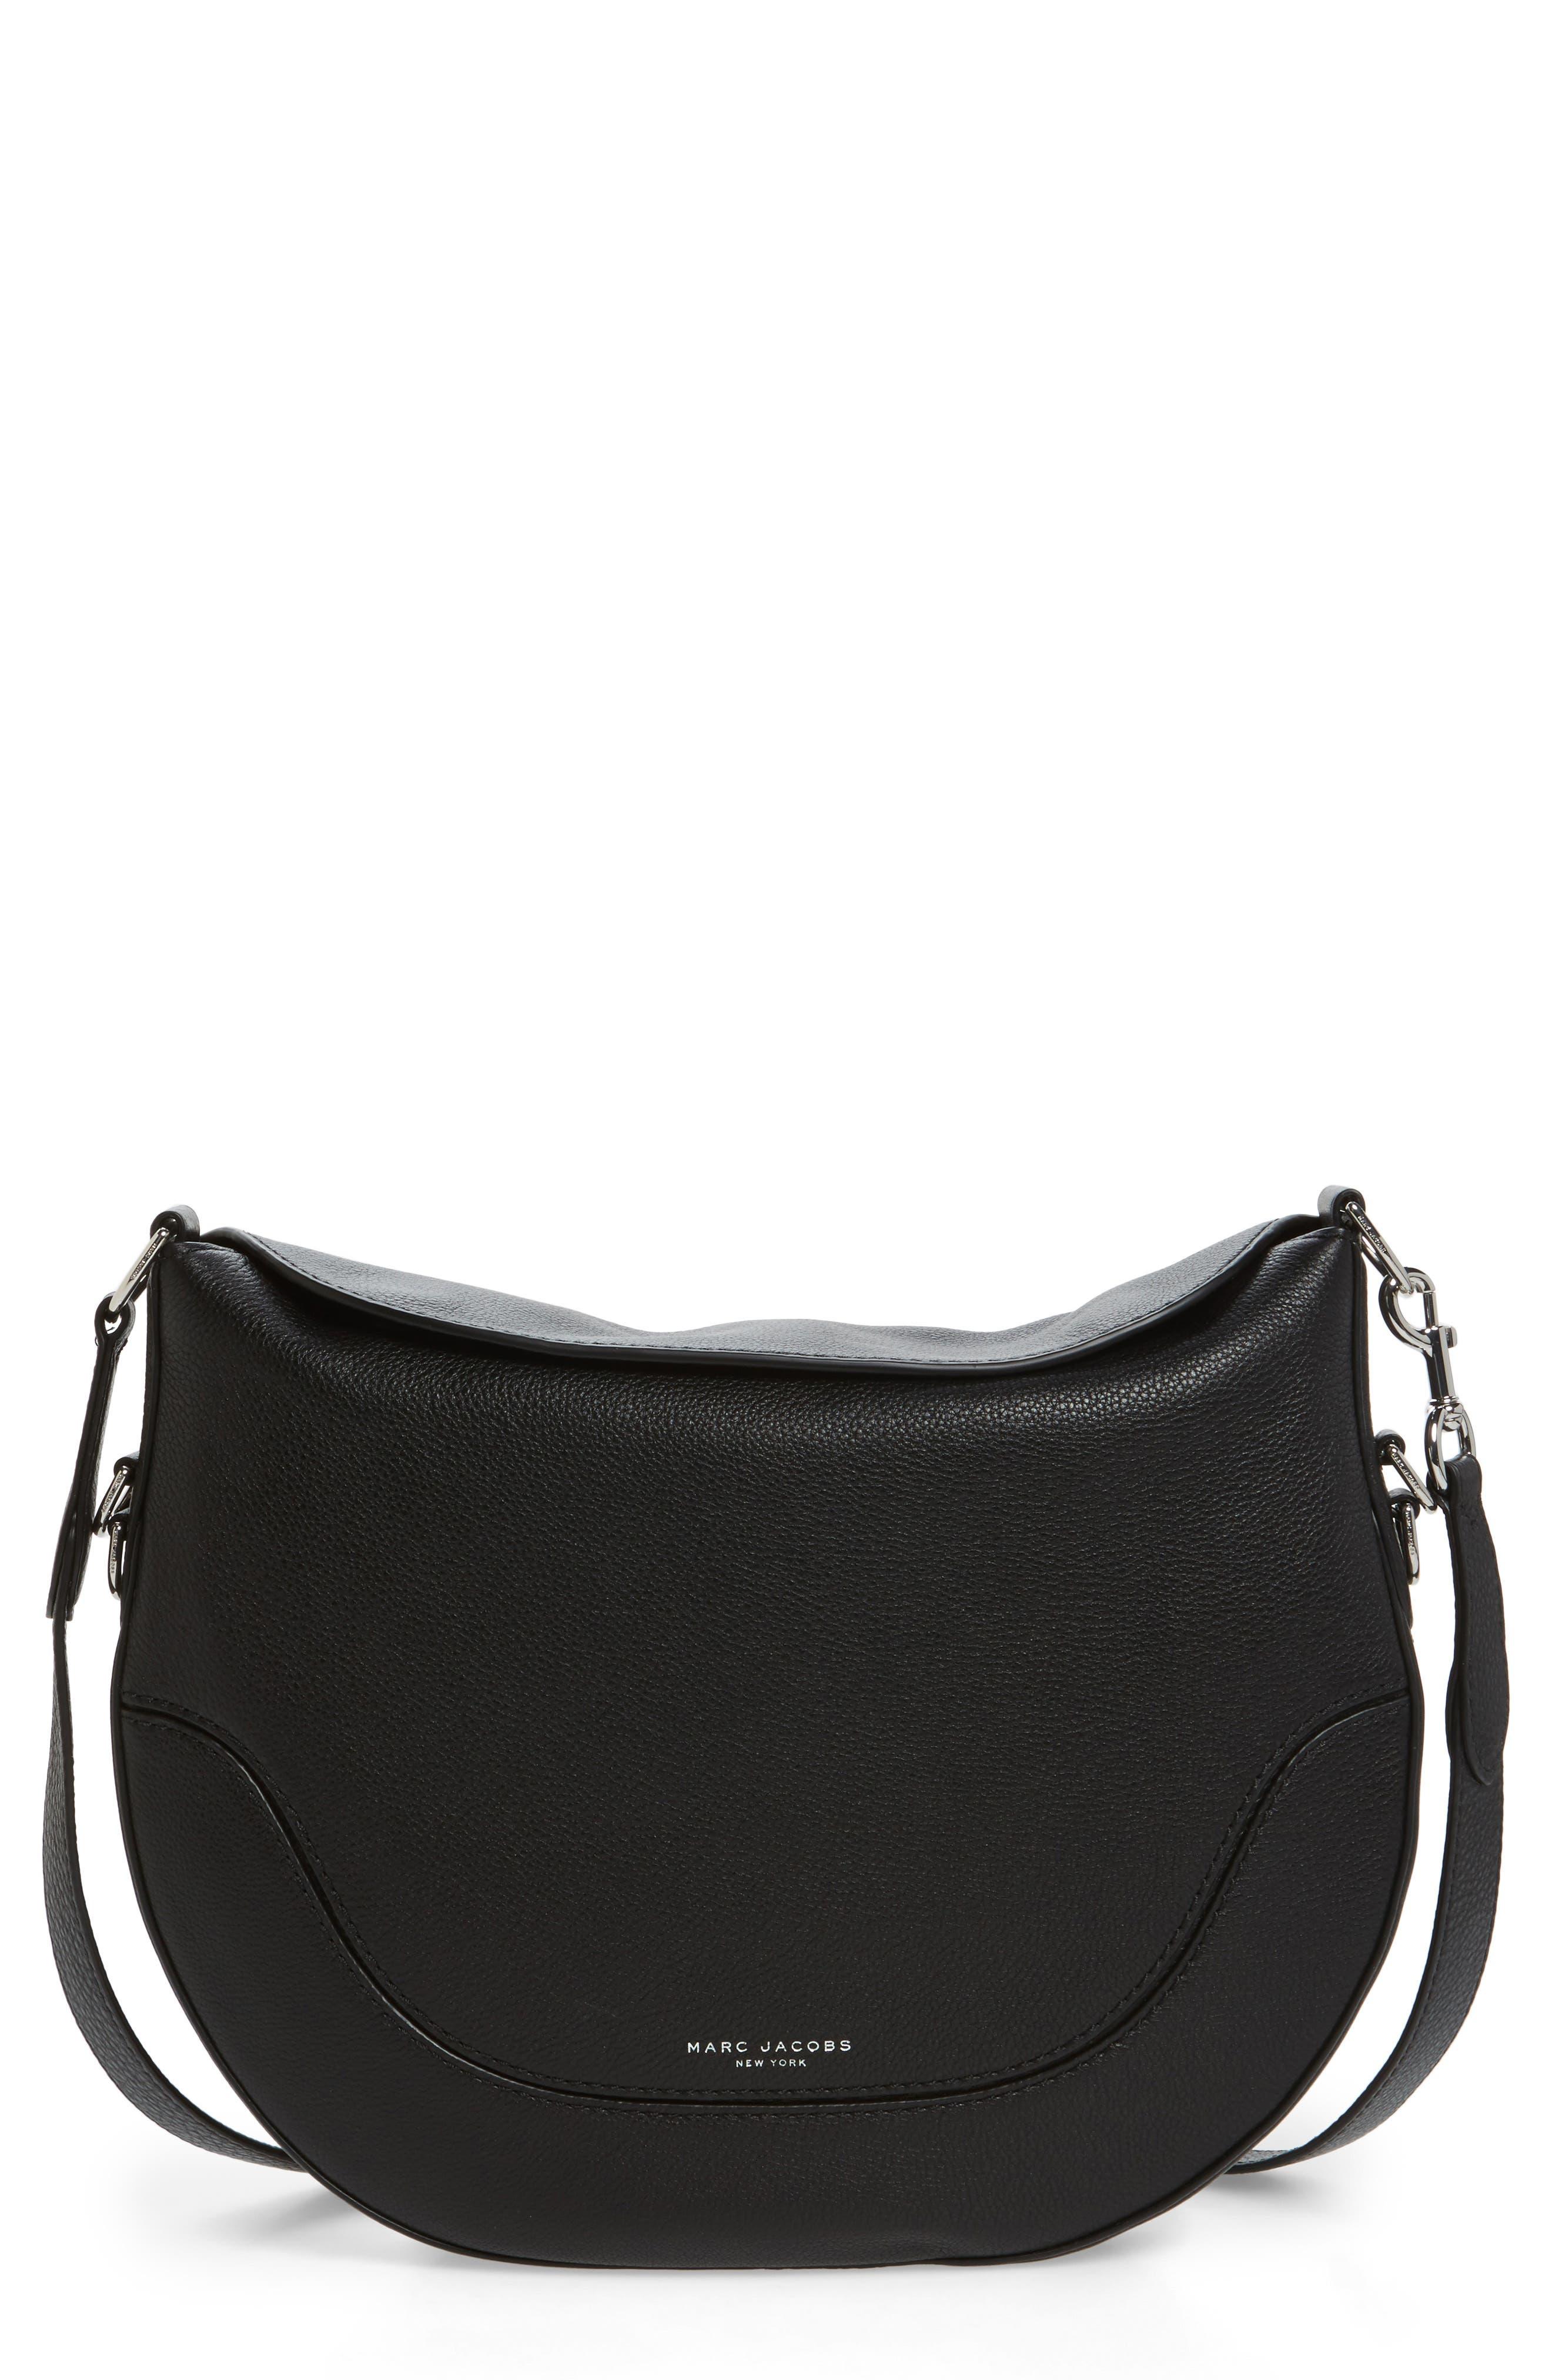 Alternate Image 1 Selected - MARC JACOBS Leather Shoulder Bag